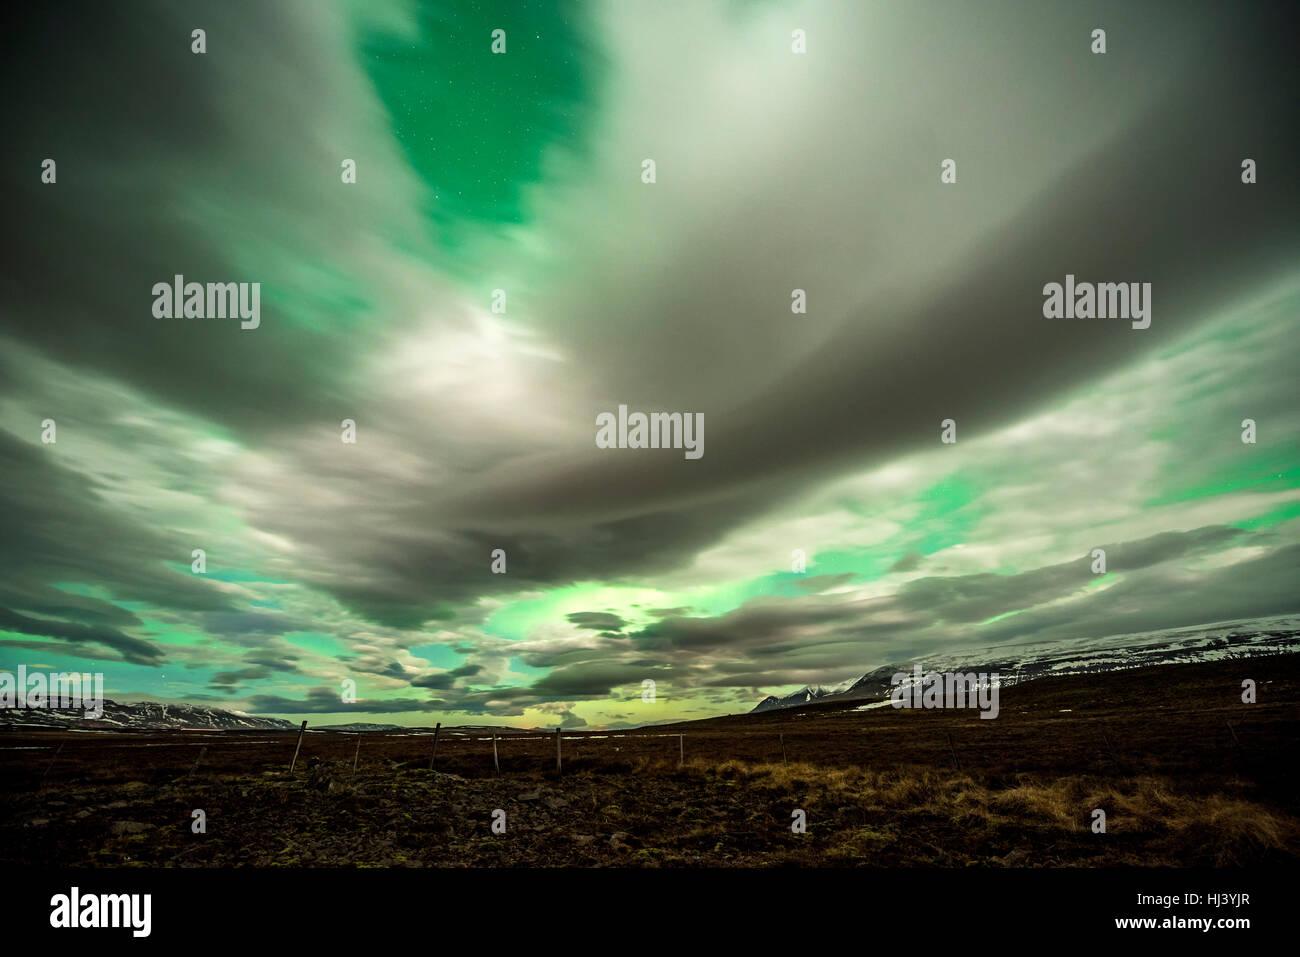 La Aurora Boreal brilla sobre un lago helado rodeado de baja nubosidad y estrellas Imagen De Stock